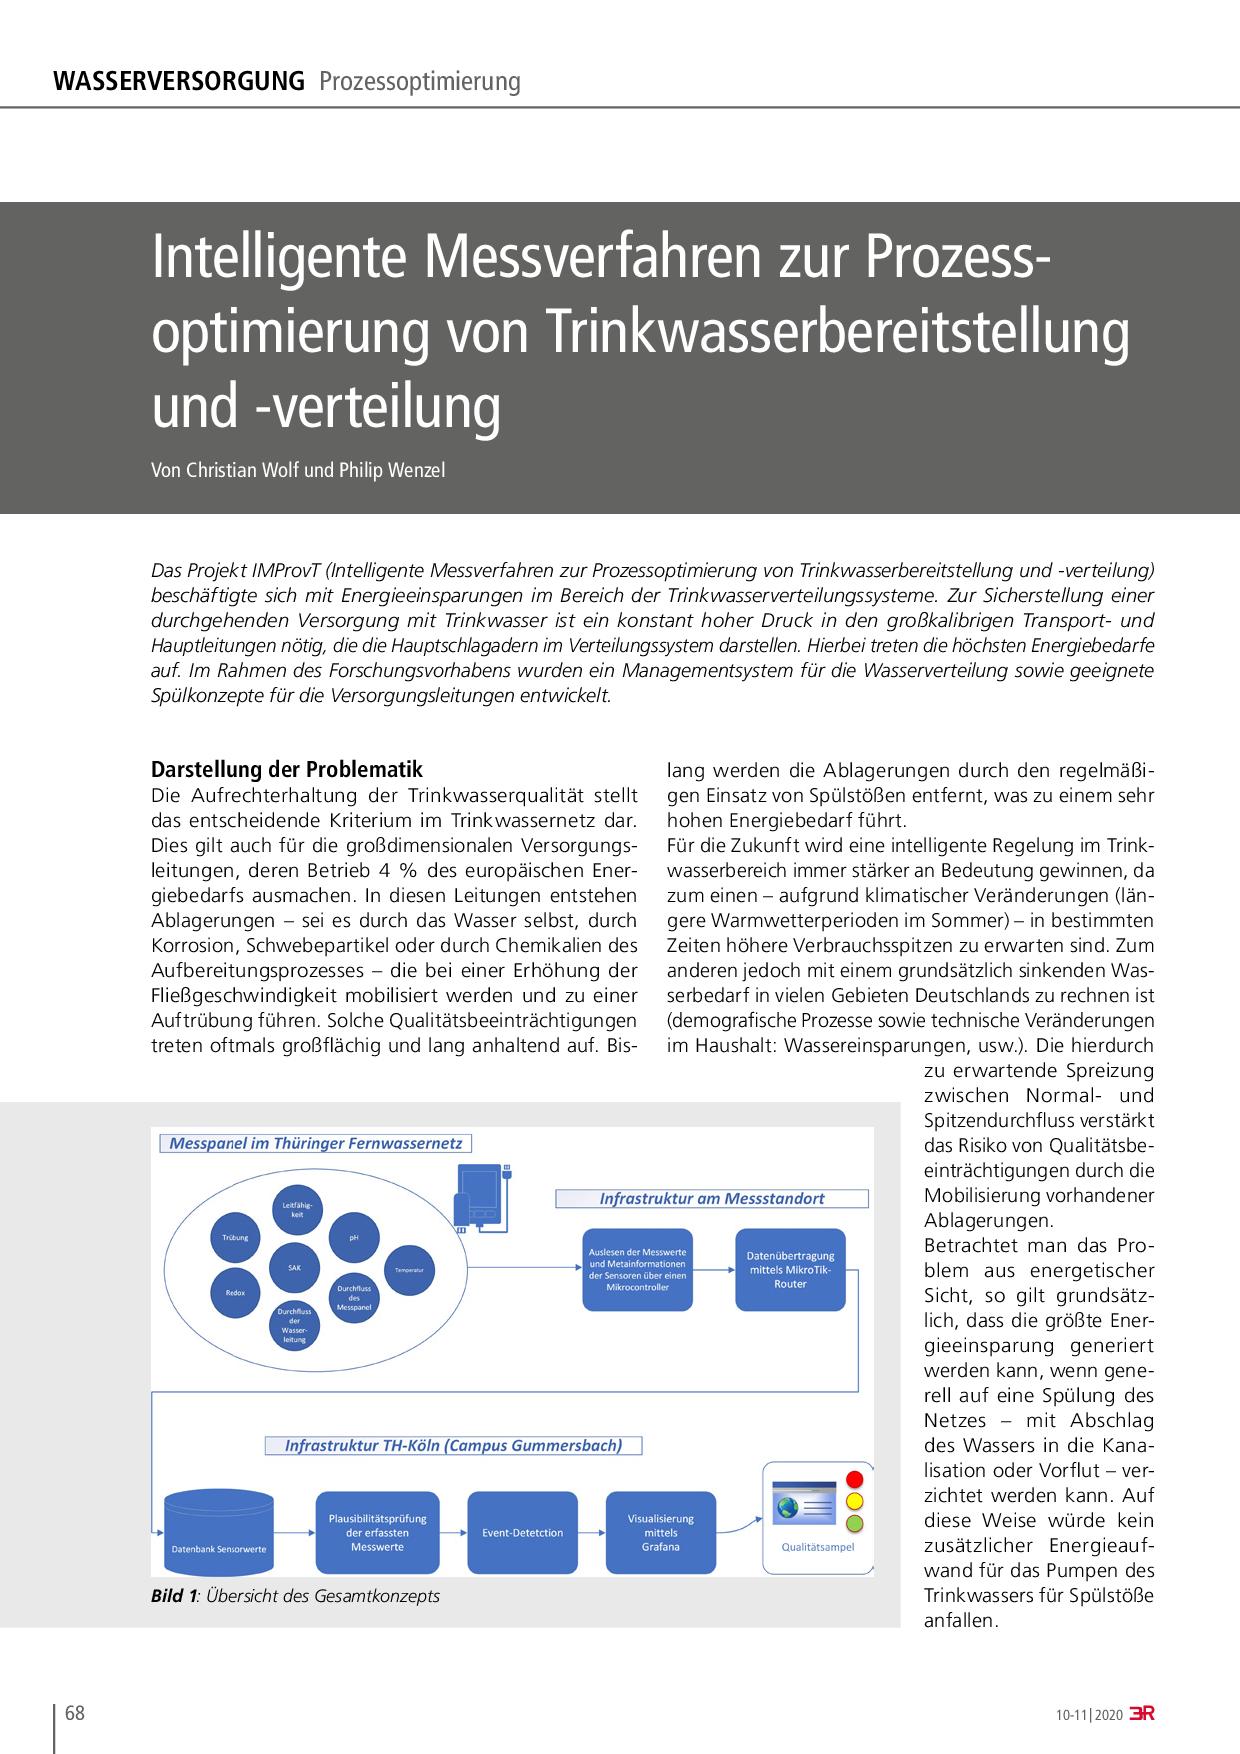 Intelligente Messverfahren zur Prozessoptimierung von Trinkwasserbereitstellung und -verteilung